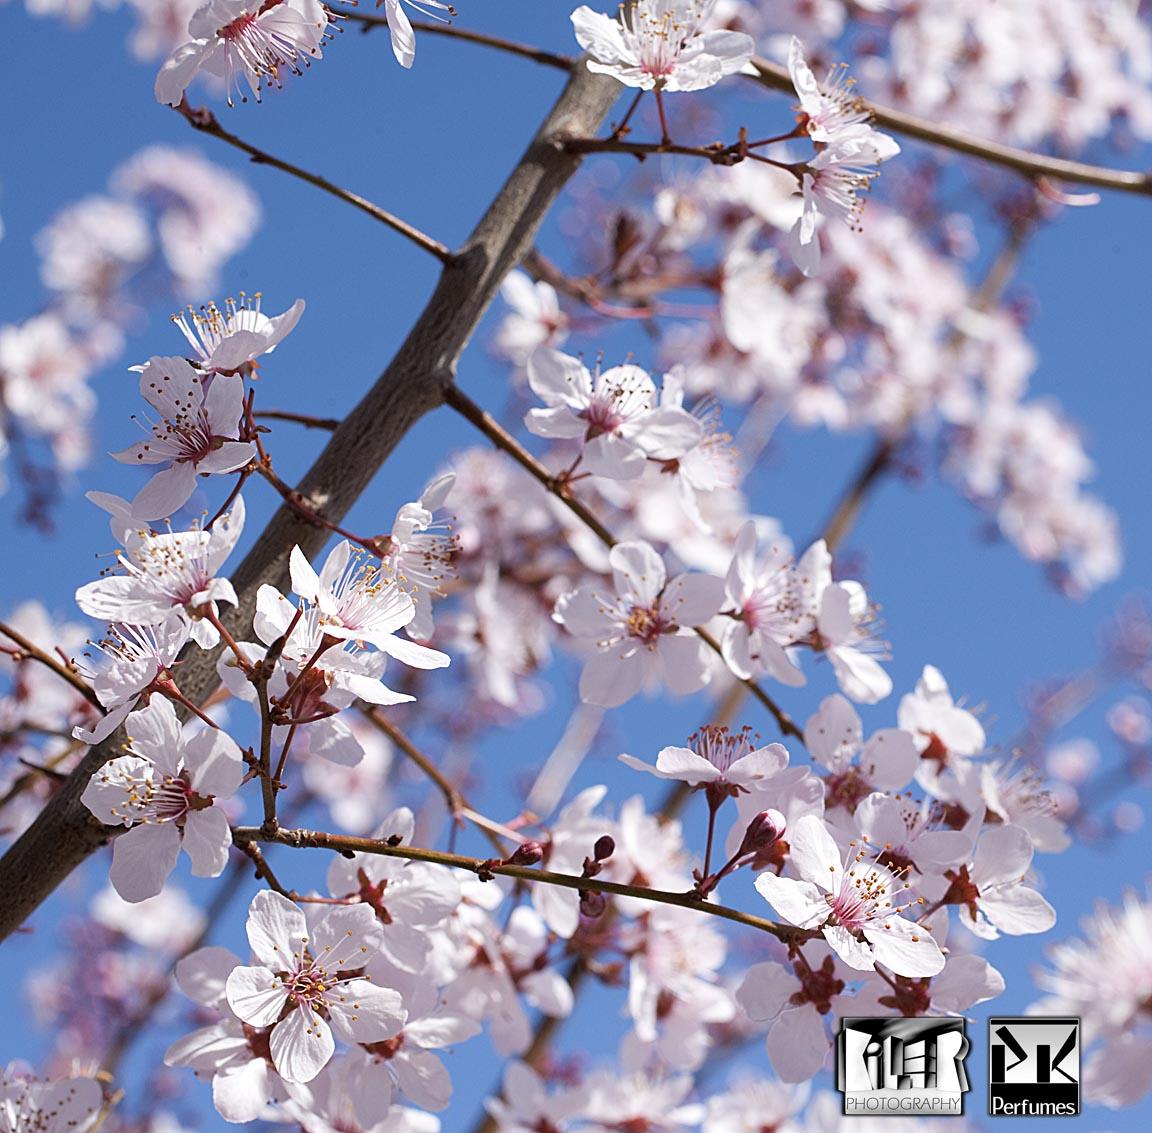 Plum Blossoms 2 - PK Perfumes